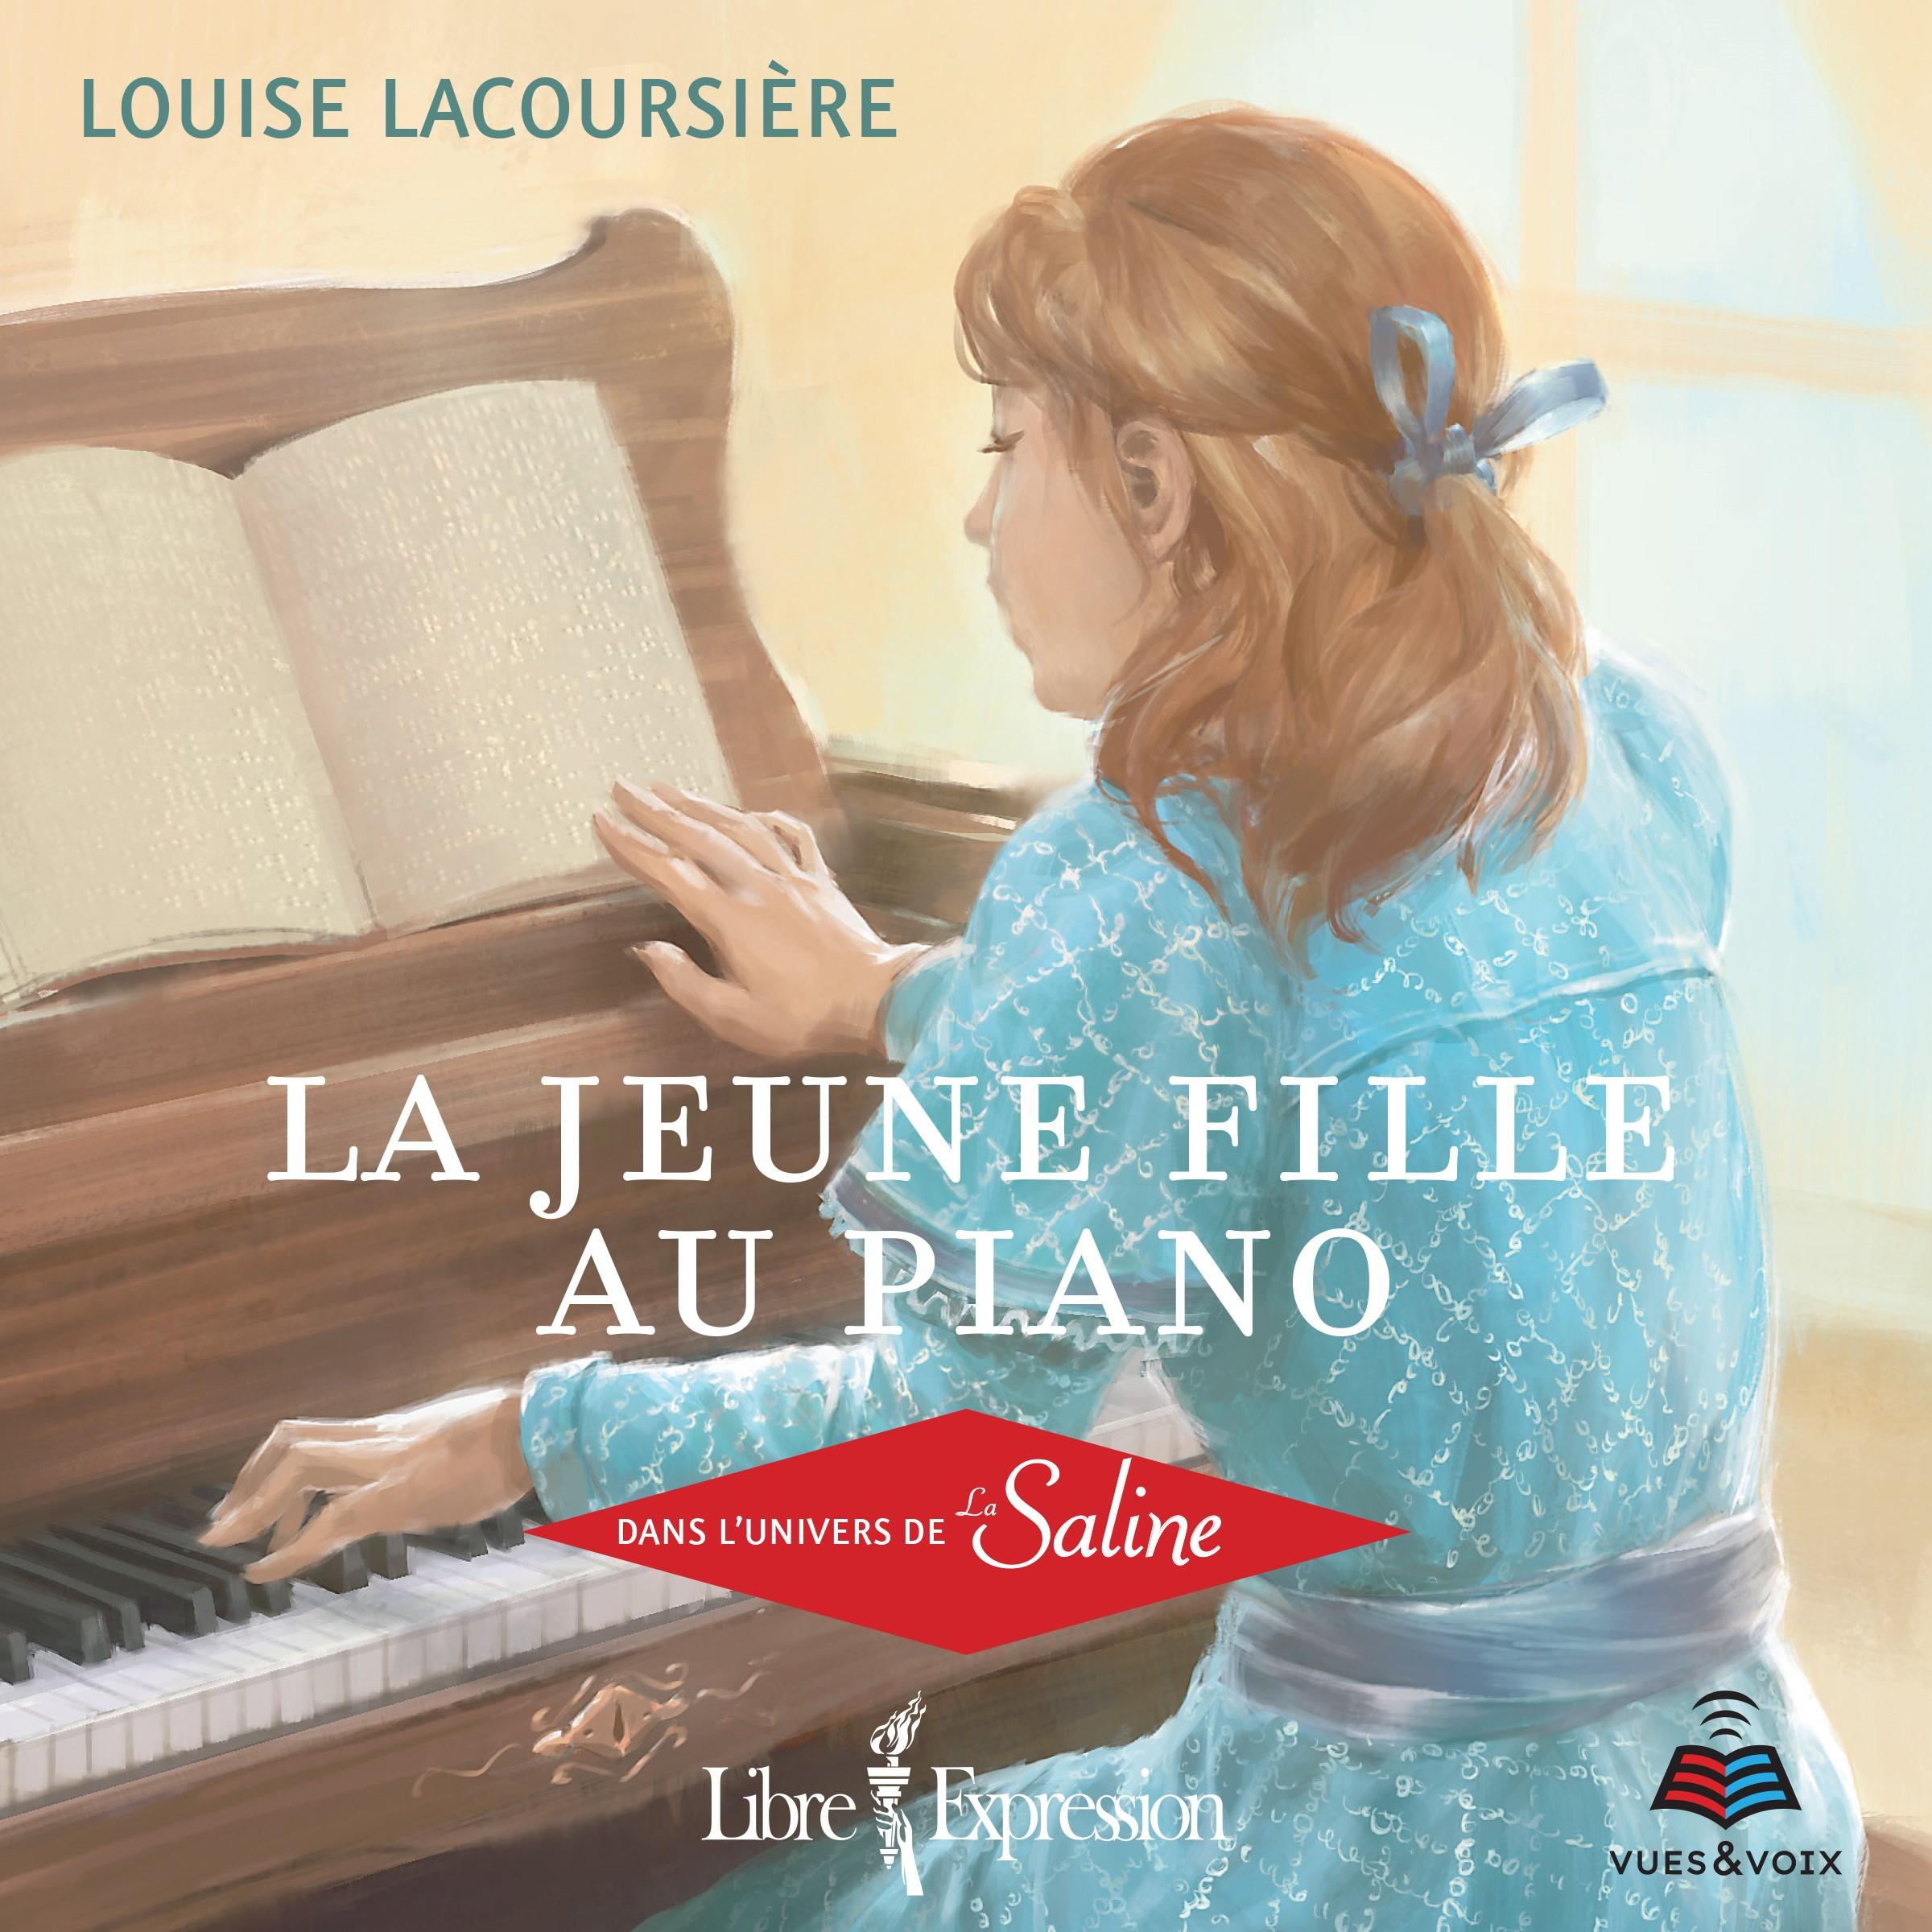 La jeune fille au piano: dans l'univers de La Saline